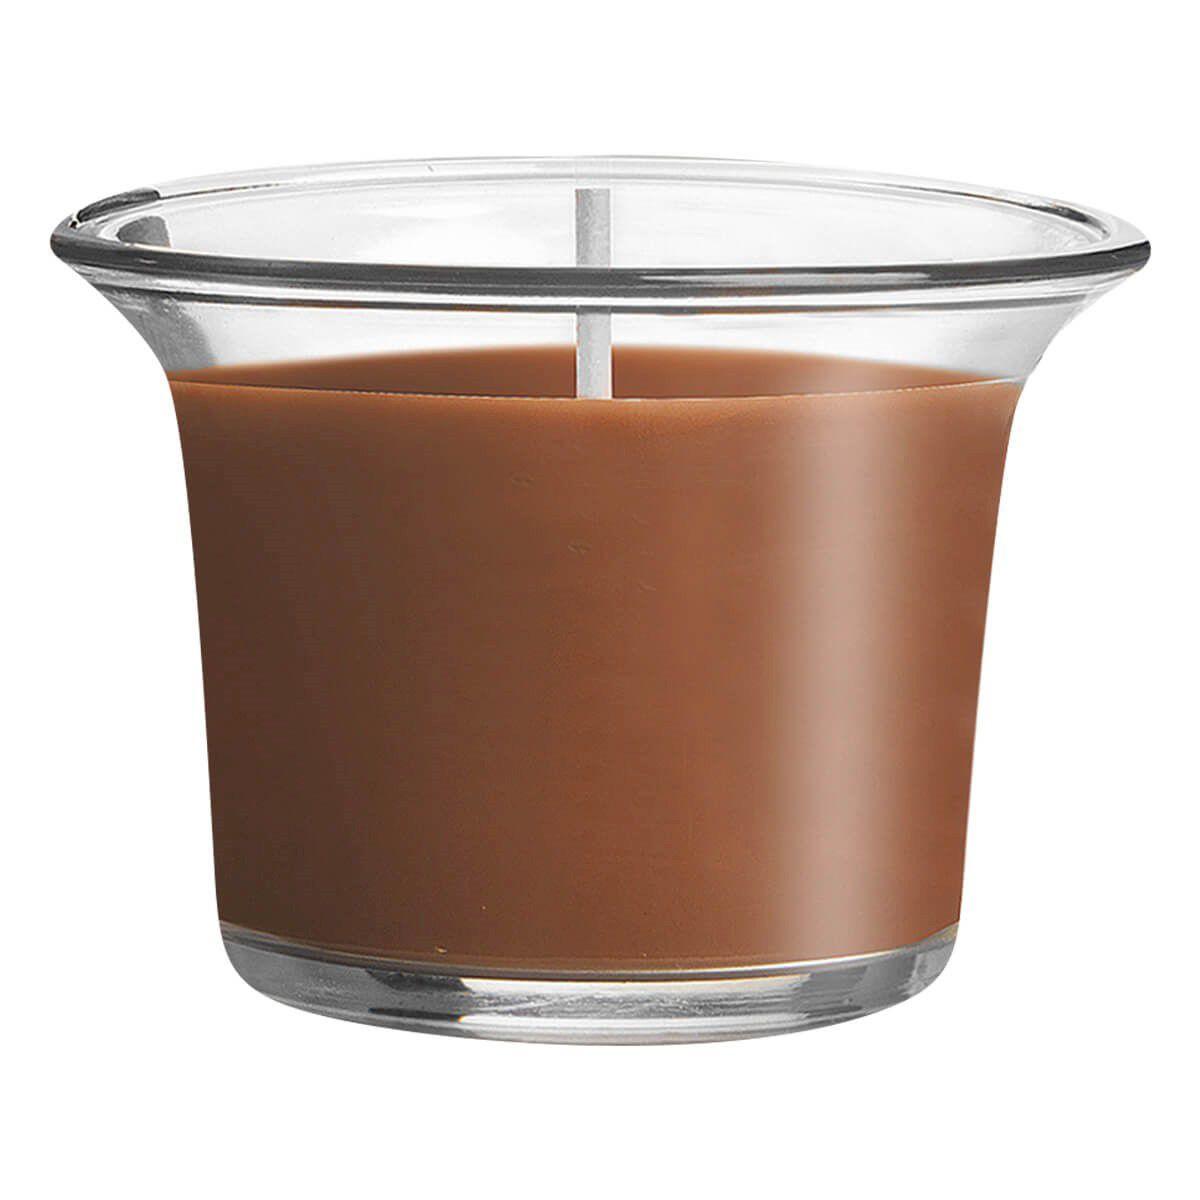 Vela para Massagem Chocolate com Menta  - RMCE BRAZIL